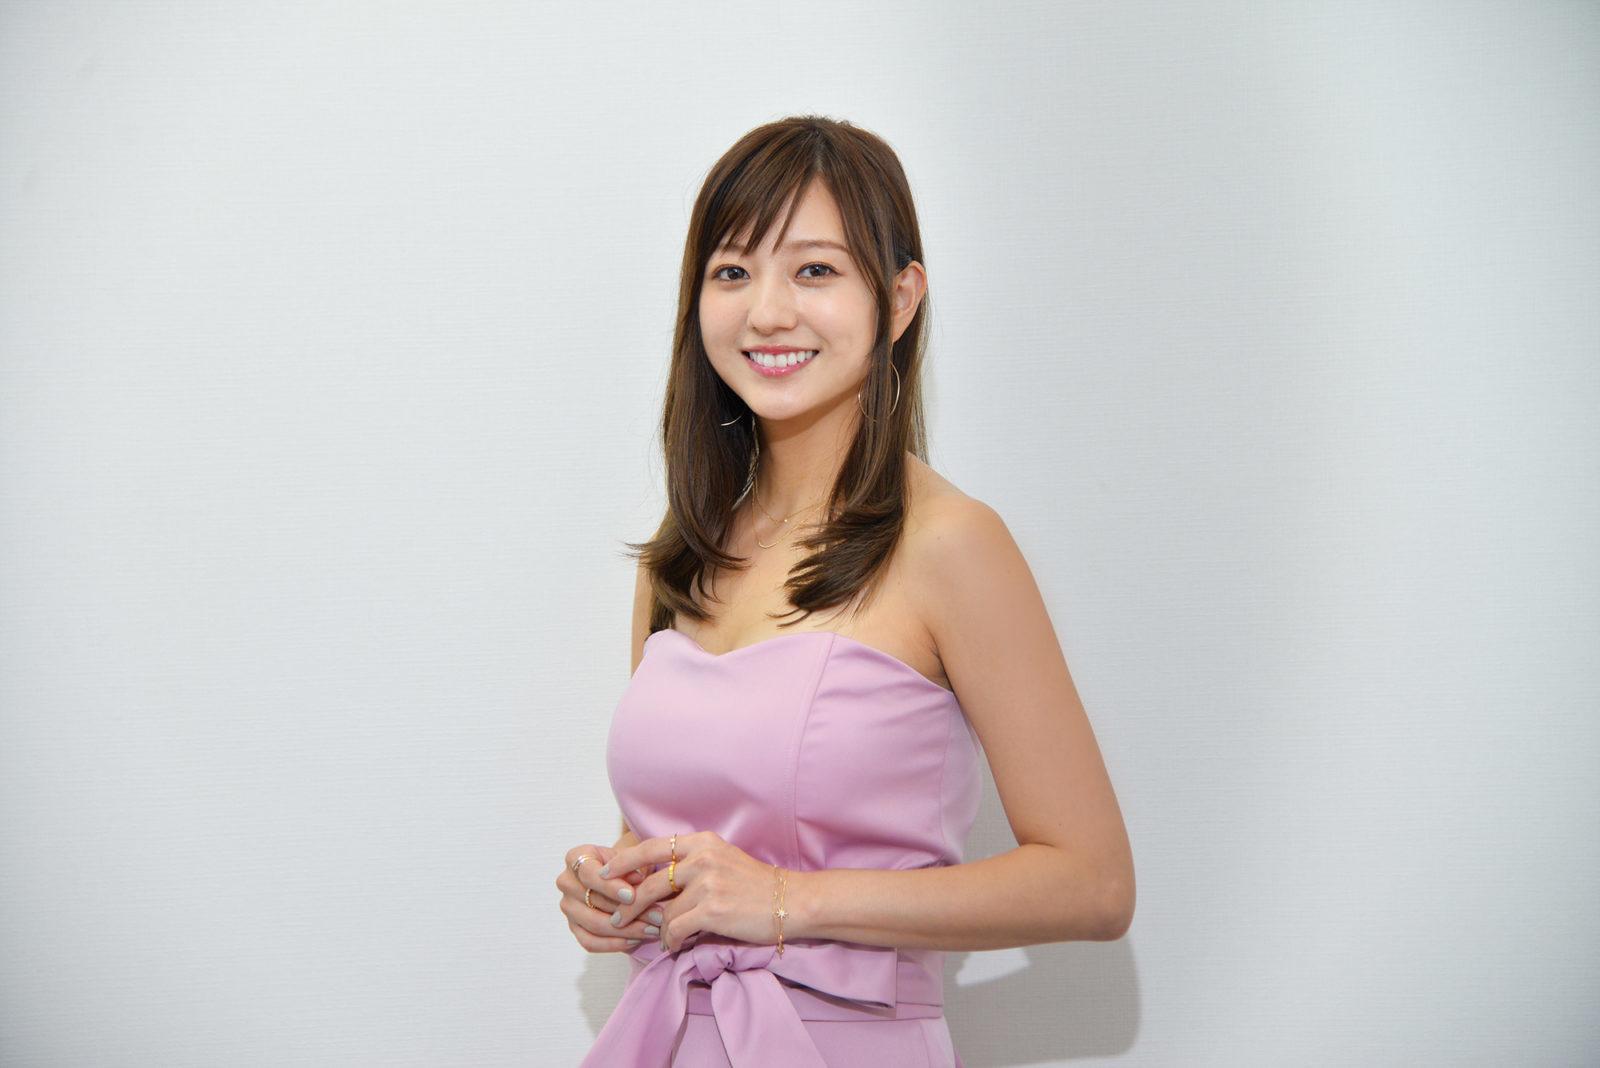 元AAA伊藤千晃、雑誌「ar」の表紙を飾ることが決定サムネイル画像